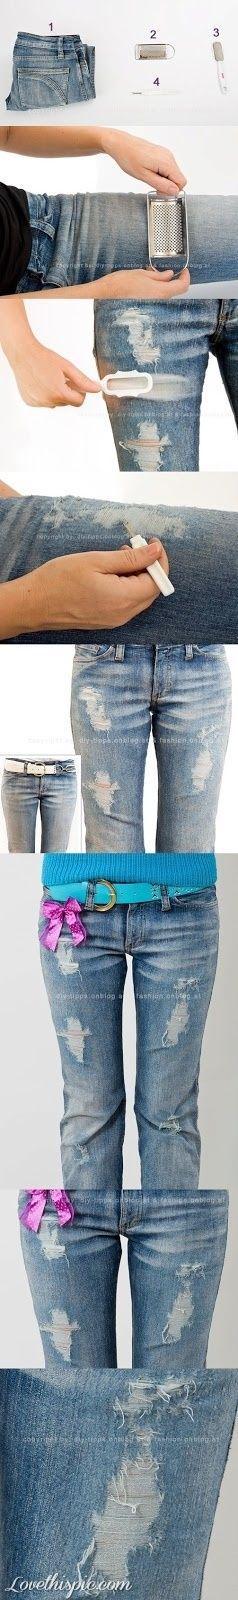 #DIY pantalones gastados: